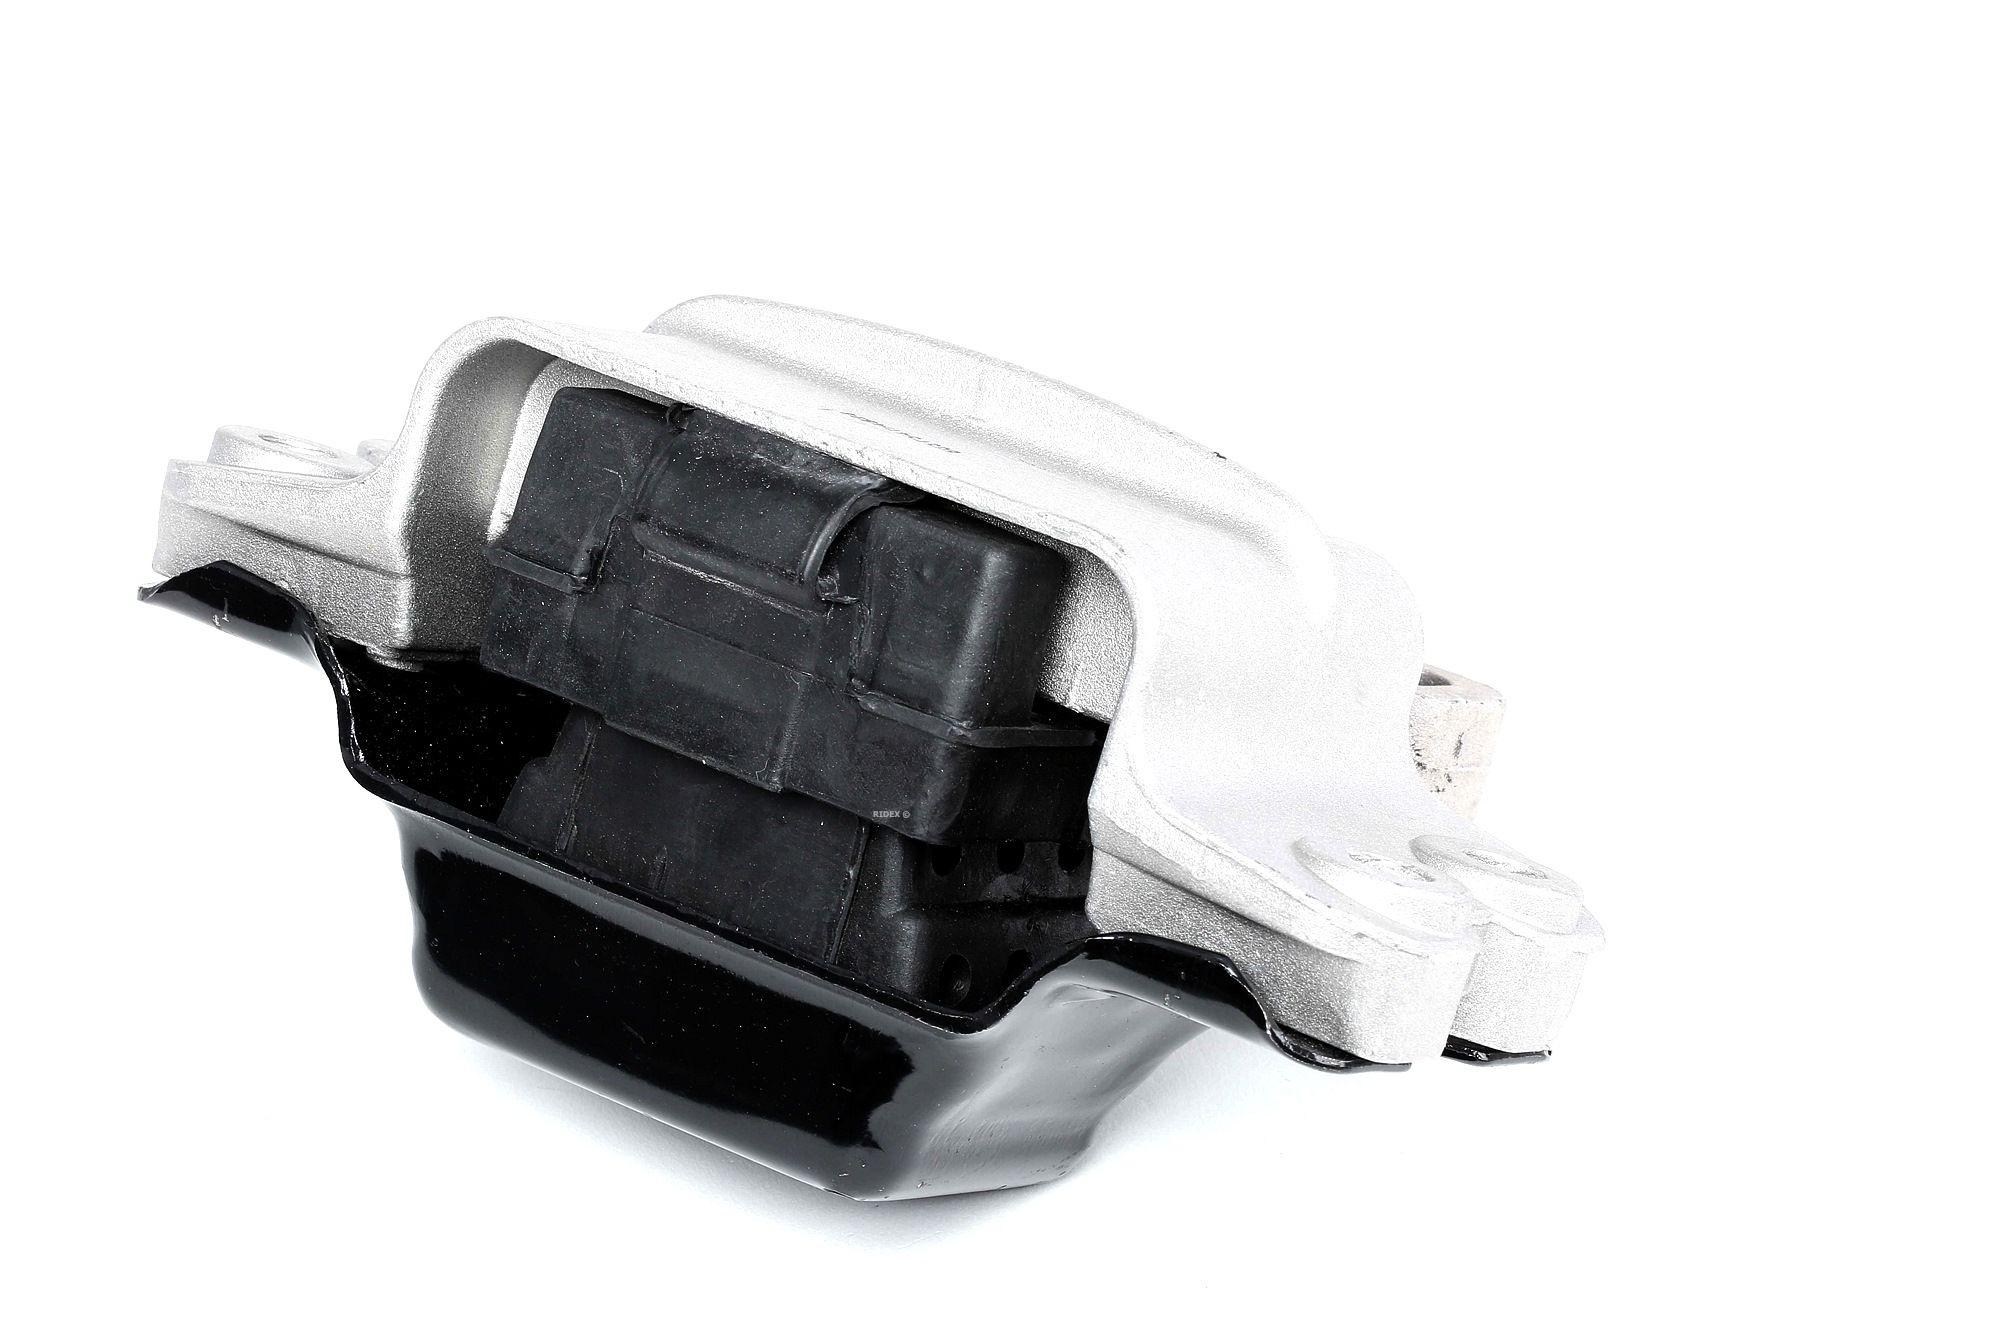 247E0034 RIDEX getriebeseitig, links, Hydrolager Lagerung, Motor 247E0034 günstig kaufen